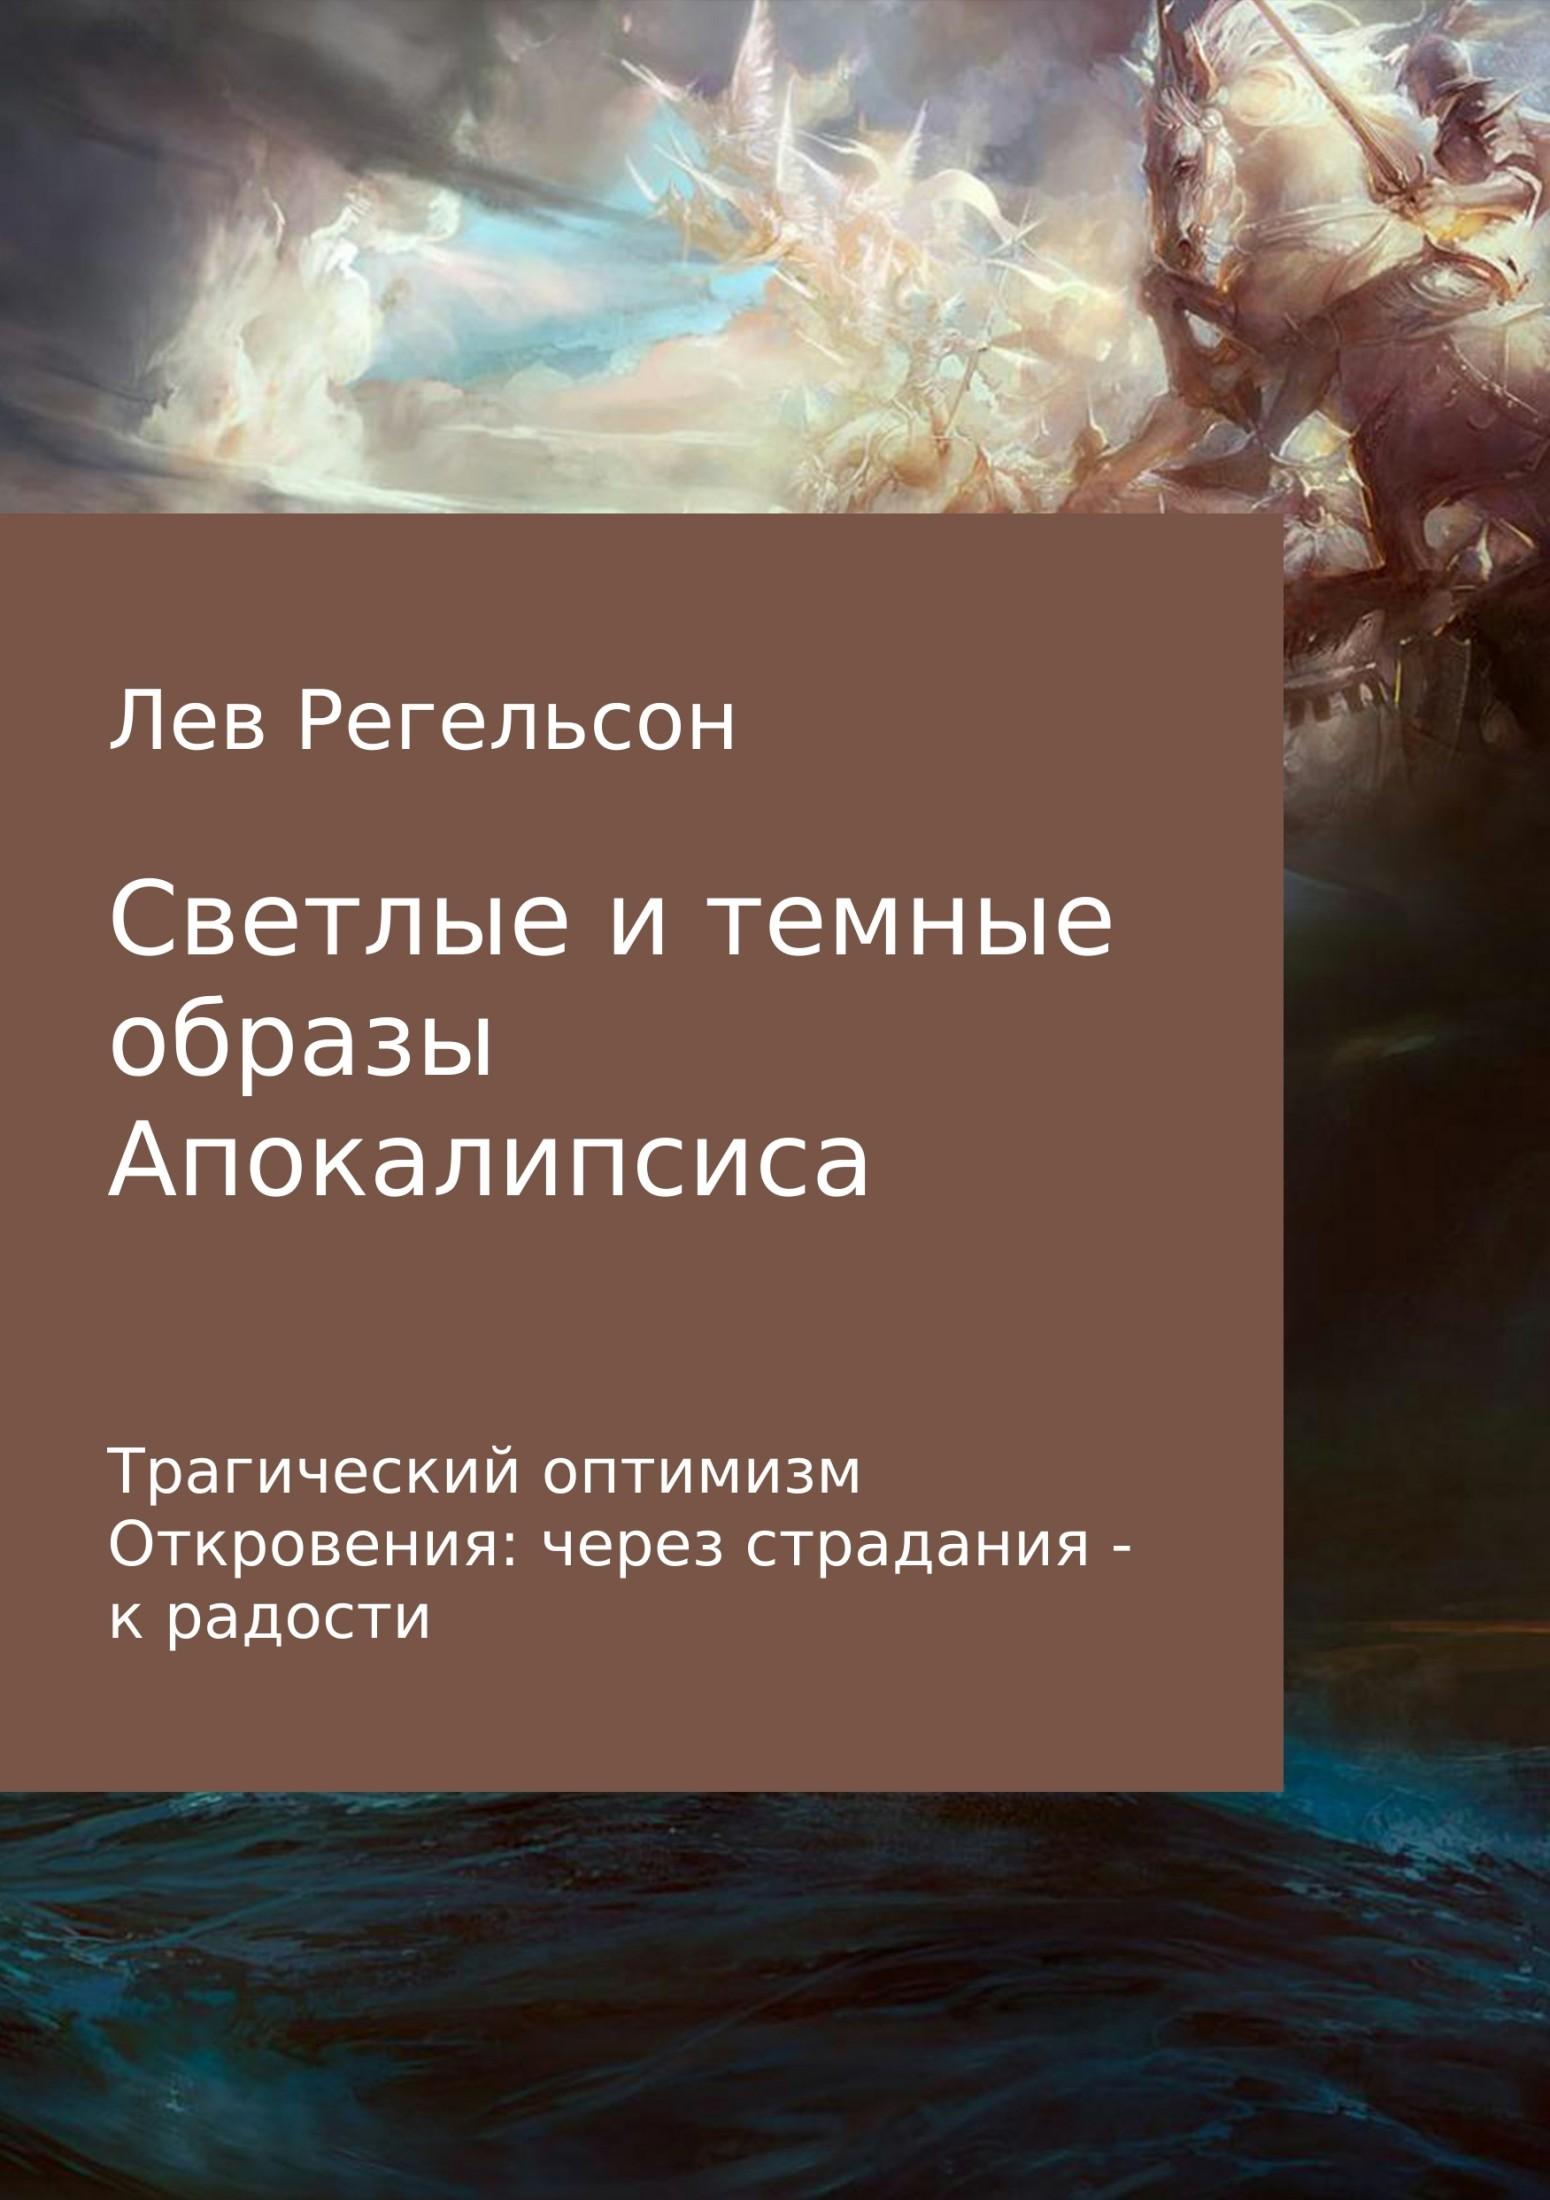 цена Лев Львович Регельсон Светлые и темные образы Апокалипсиса